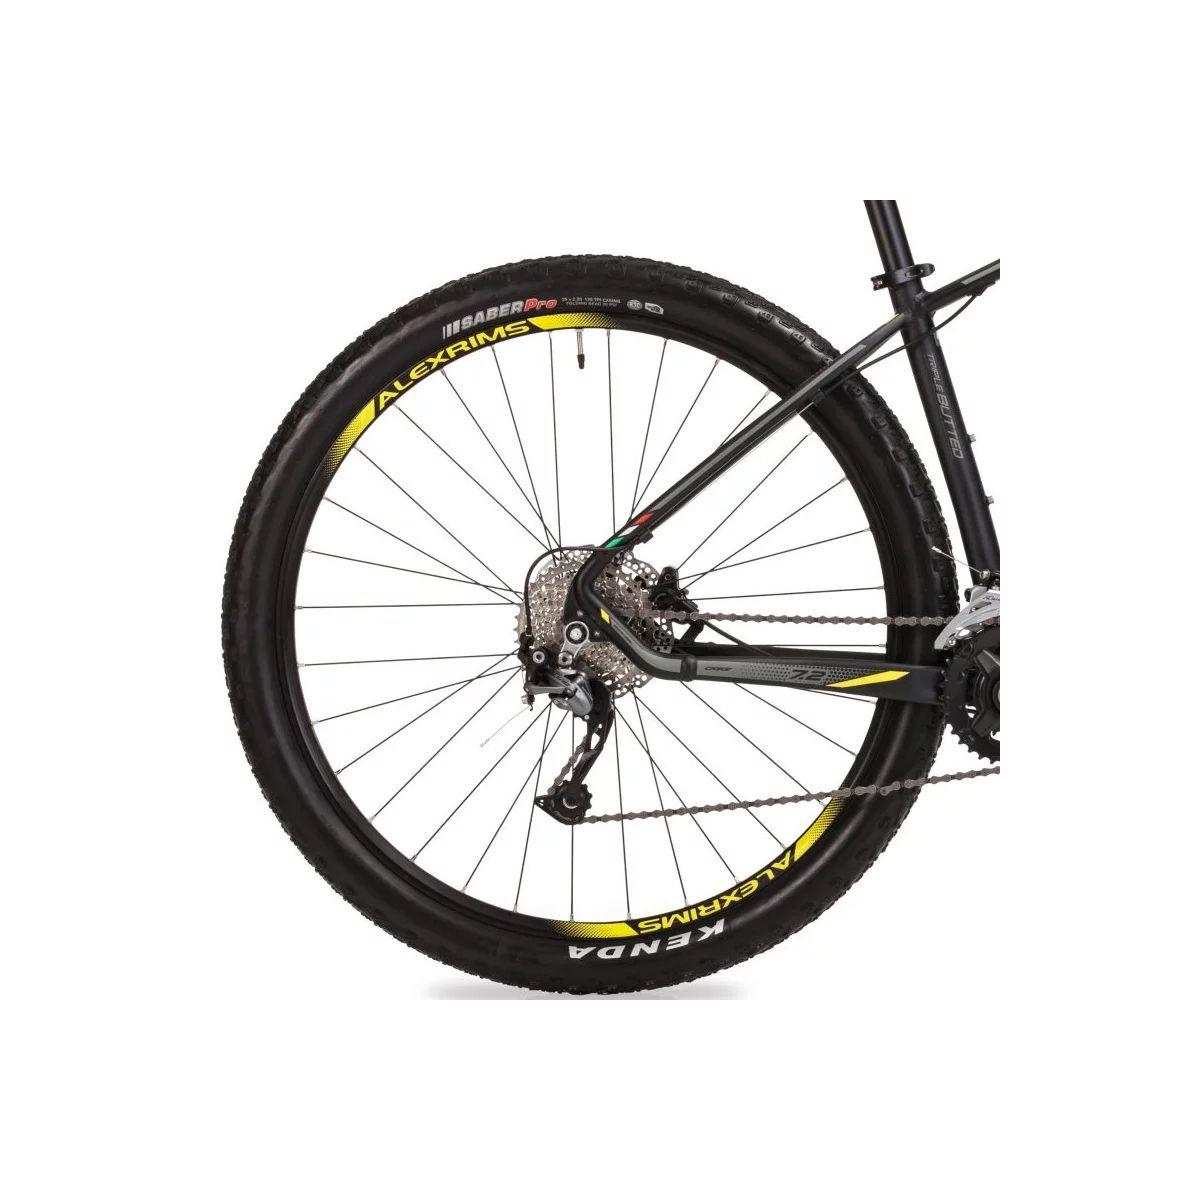 Bicicleta OGGI 7.2 2019 - 18v Shimano Alívio - Freios Shimano Alívio - Suspensão Rock Shox XC30 - Pto/Grafite/Amarelo